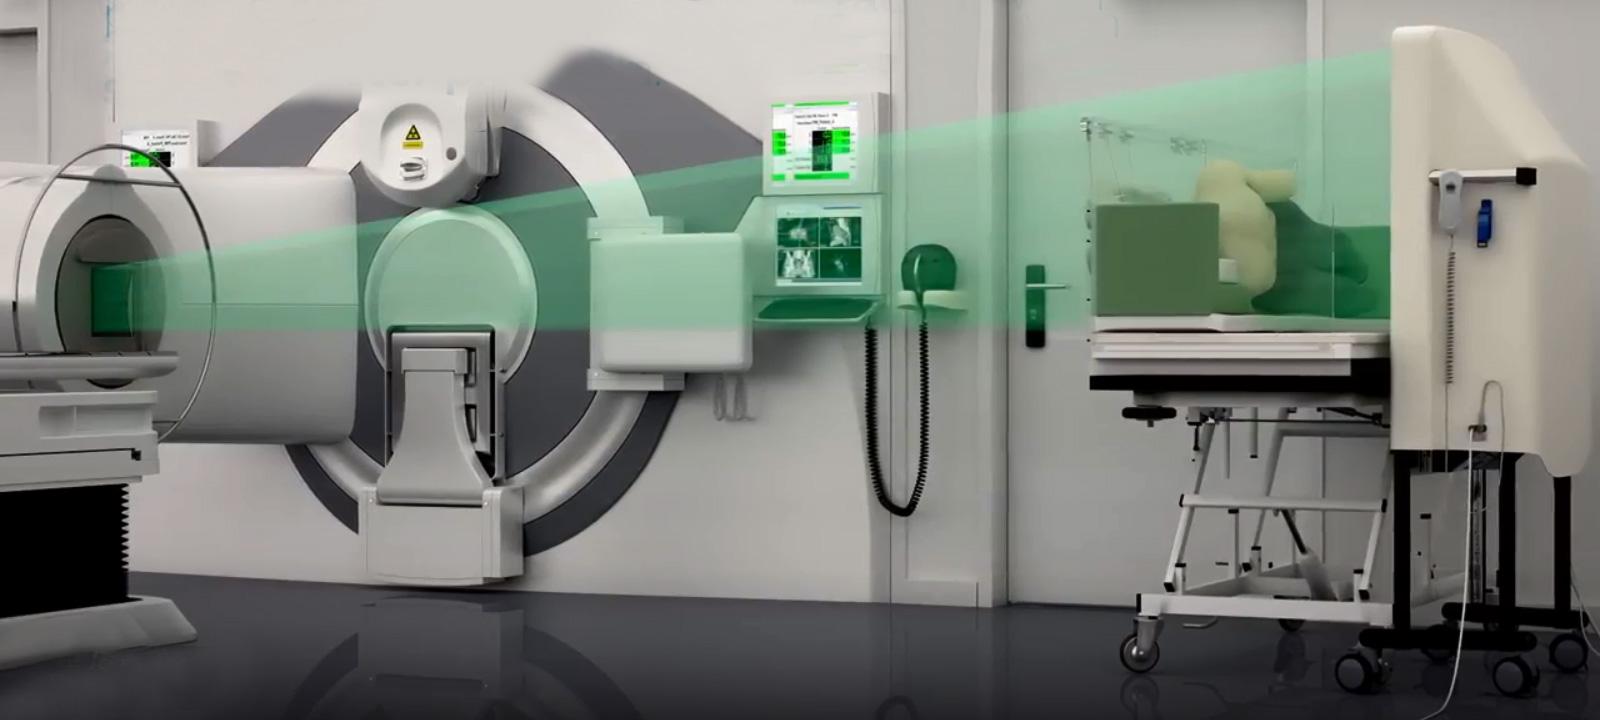 Séance TBI avec Cablon Medical qui remplace Theraview